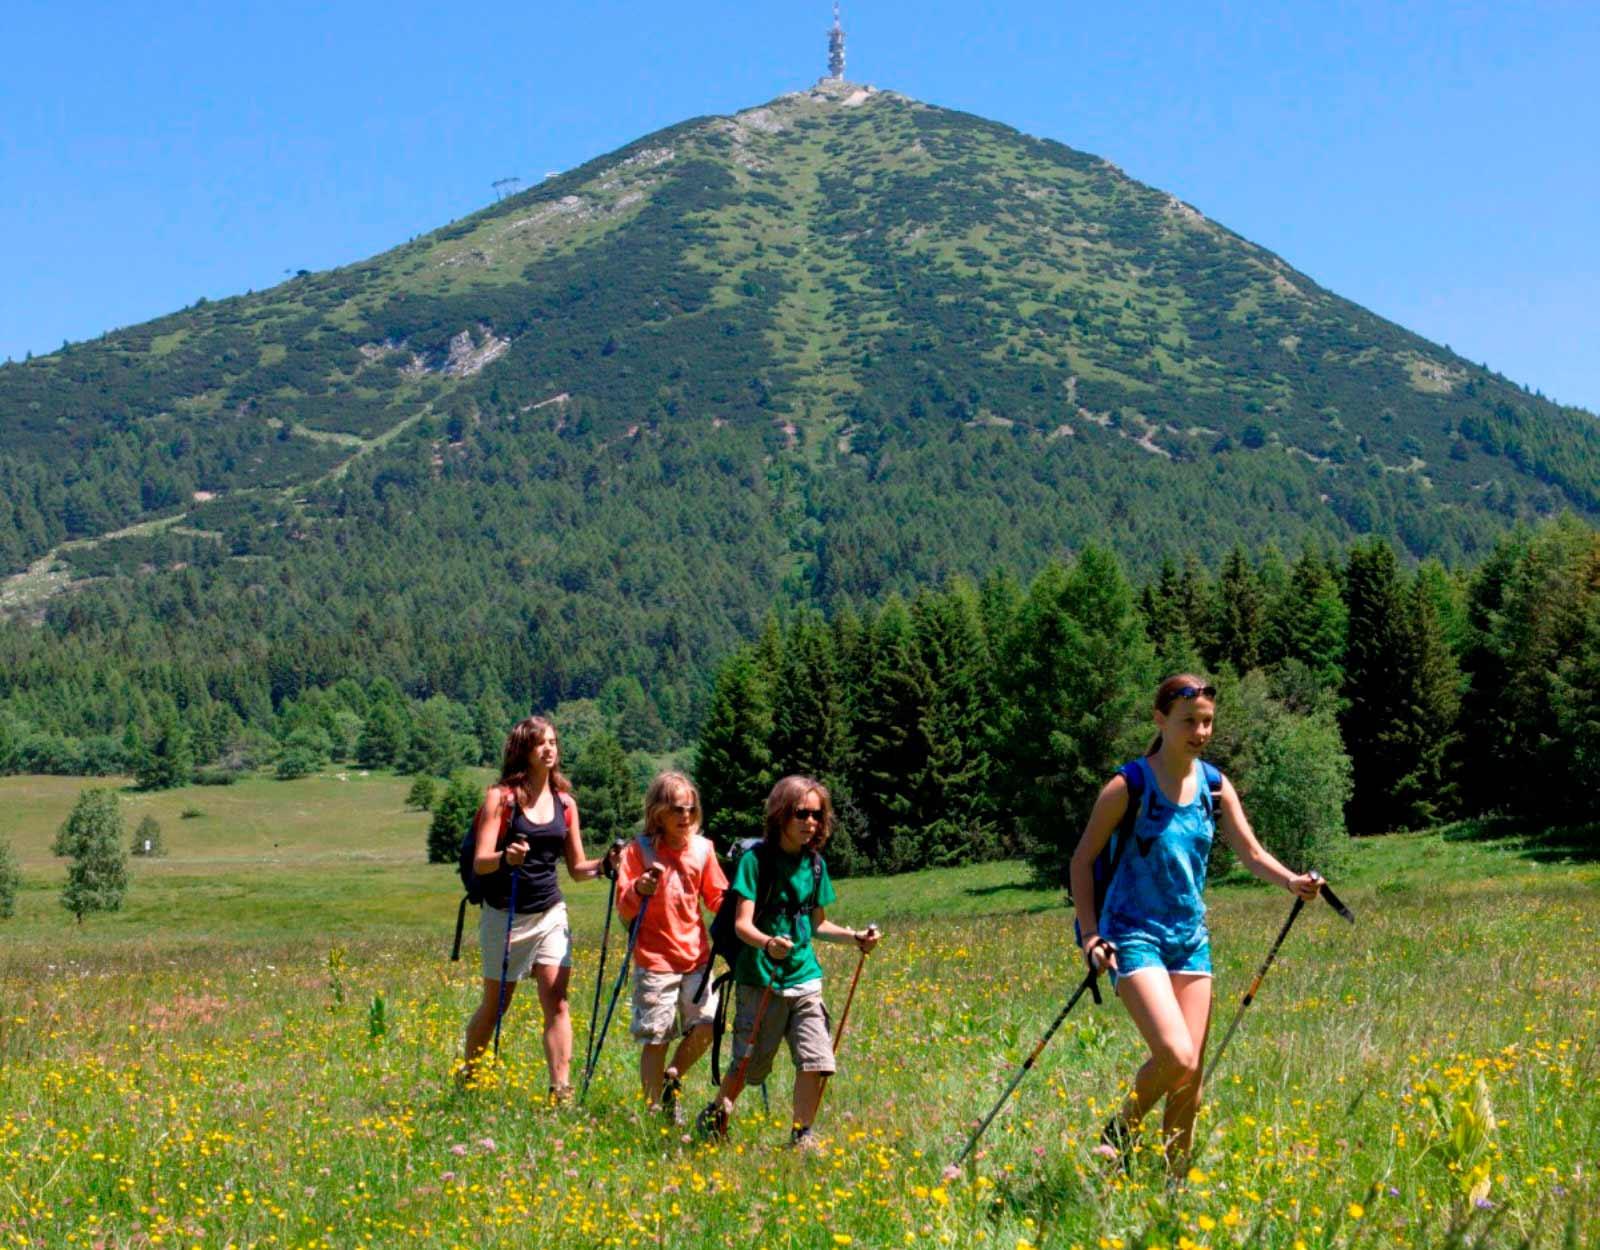 Estate sul Monte Bondone: offerta vacanza per famiglie